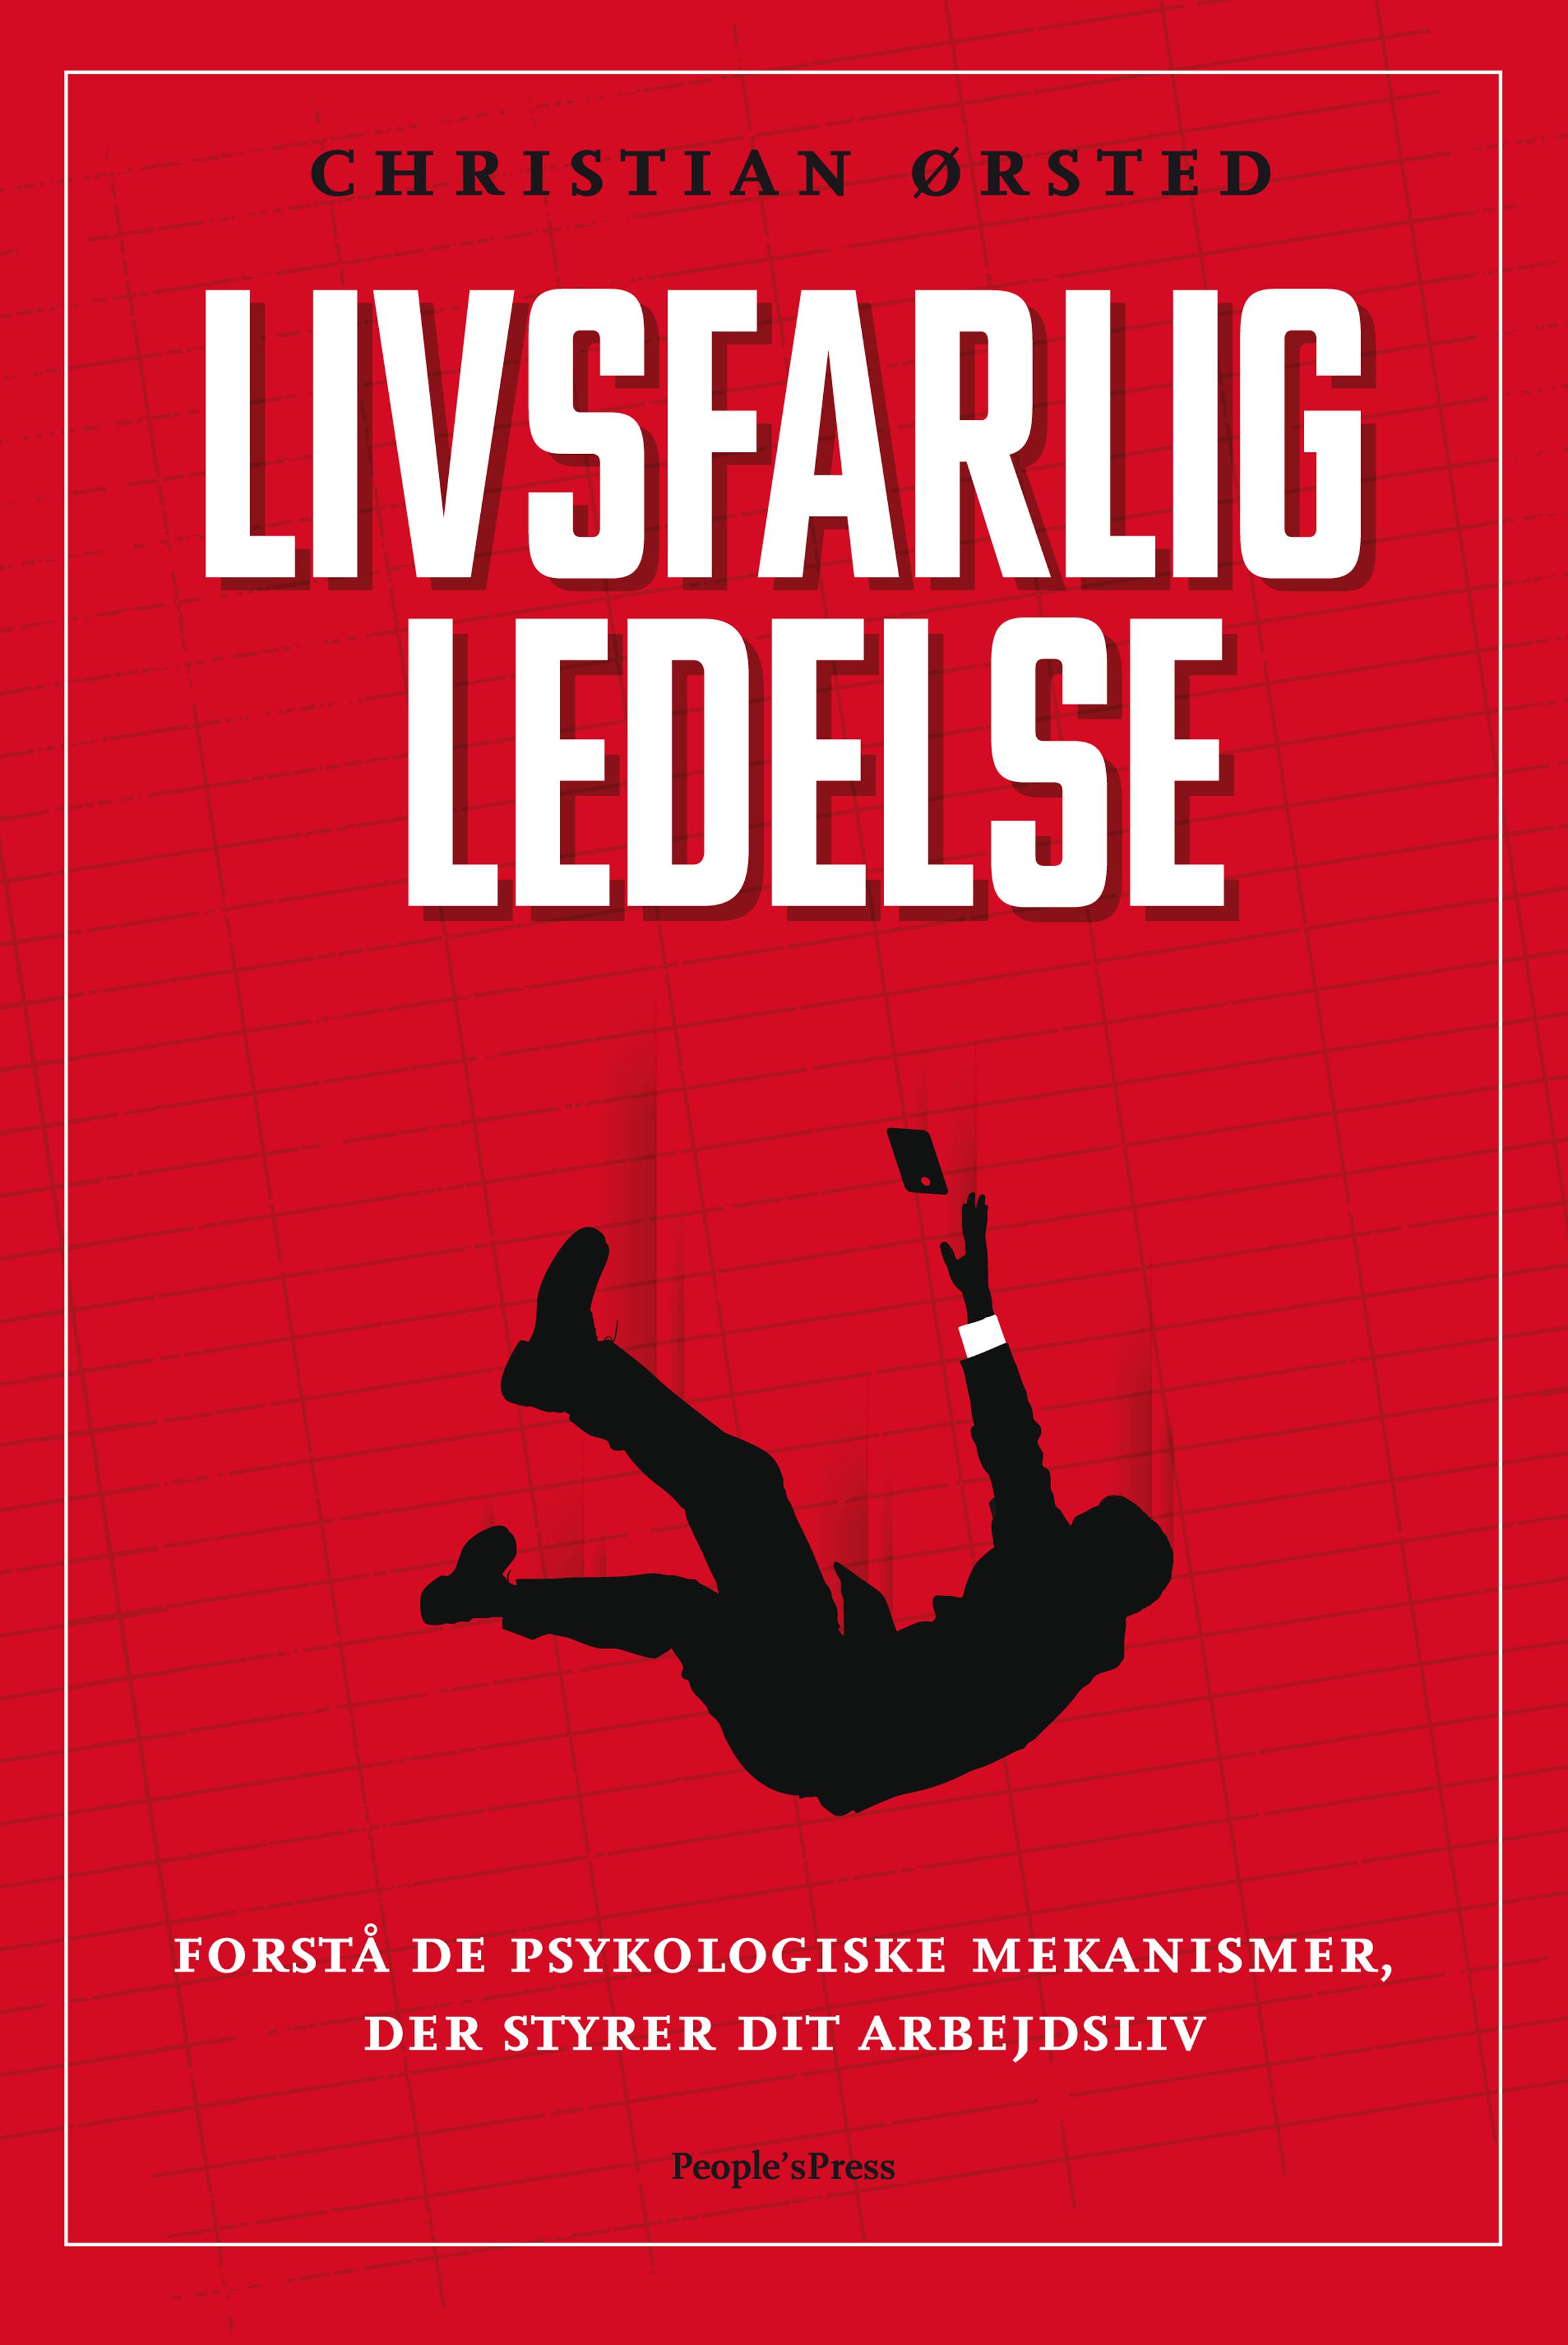 N/A Livsfarlig ledelse - e-bog fra bog & mystik